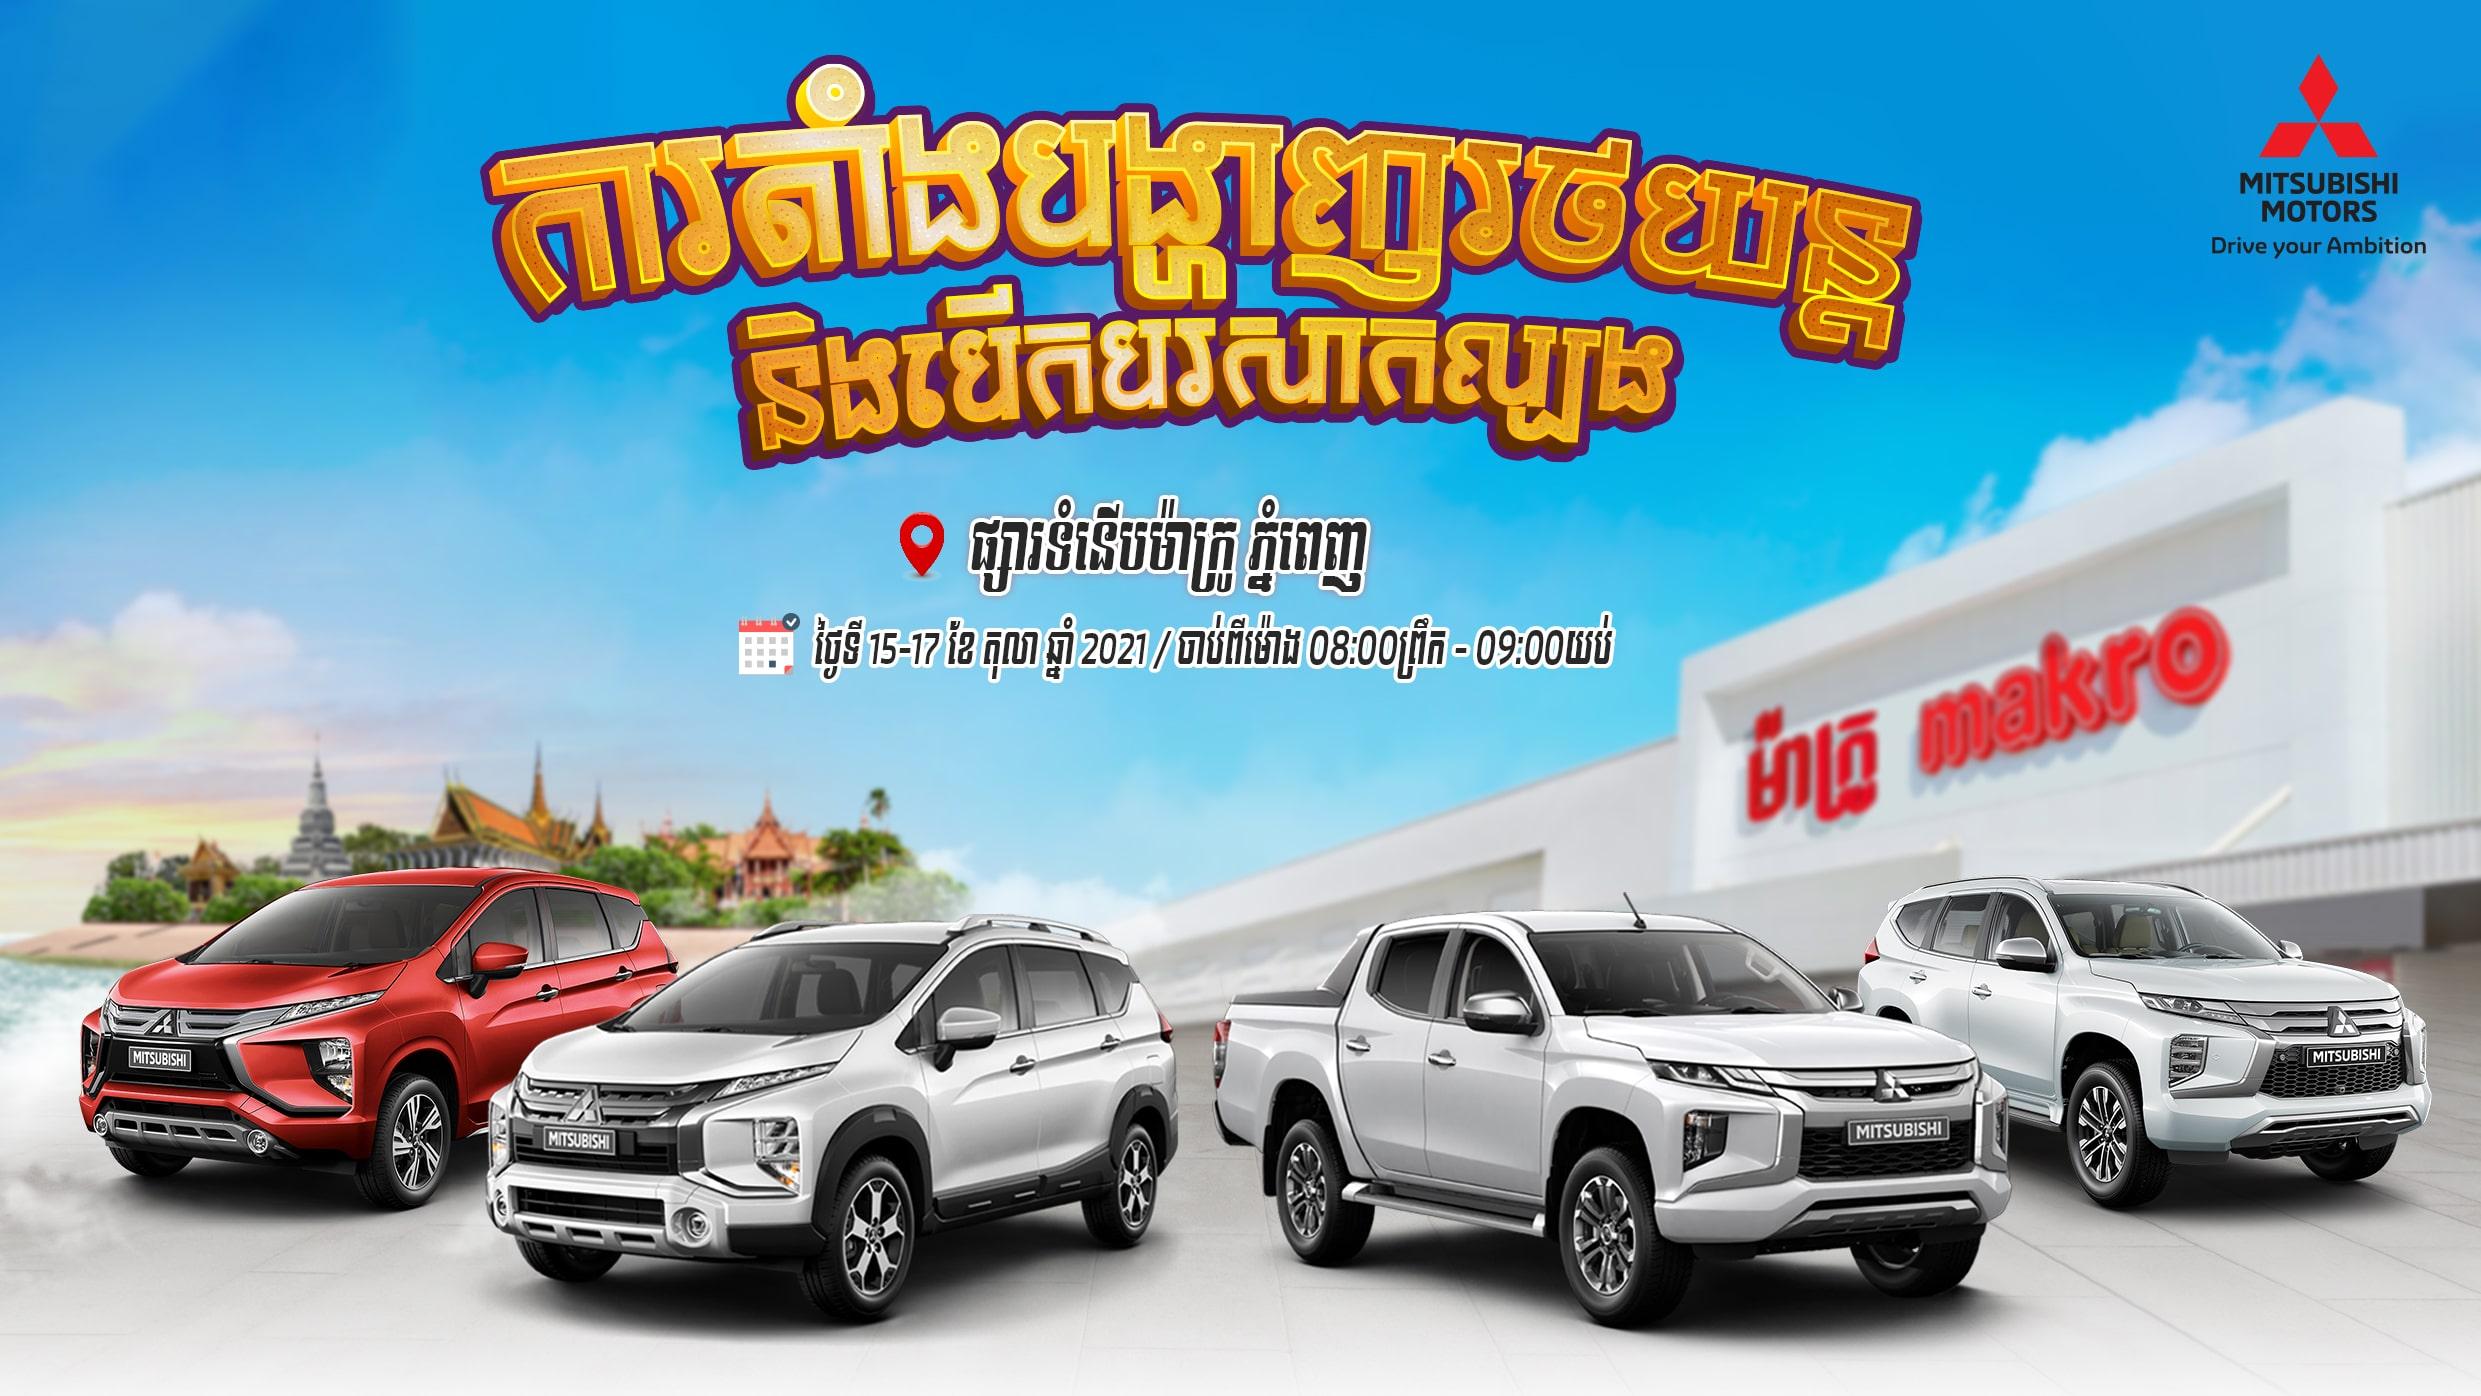 Car Display at Makro Phnom Penh